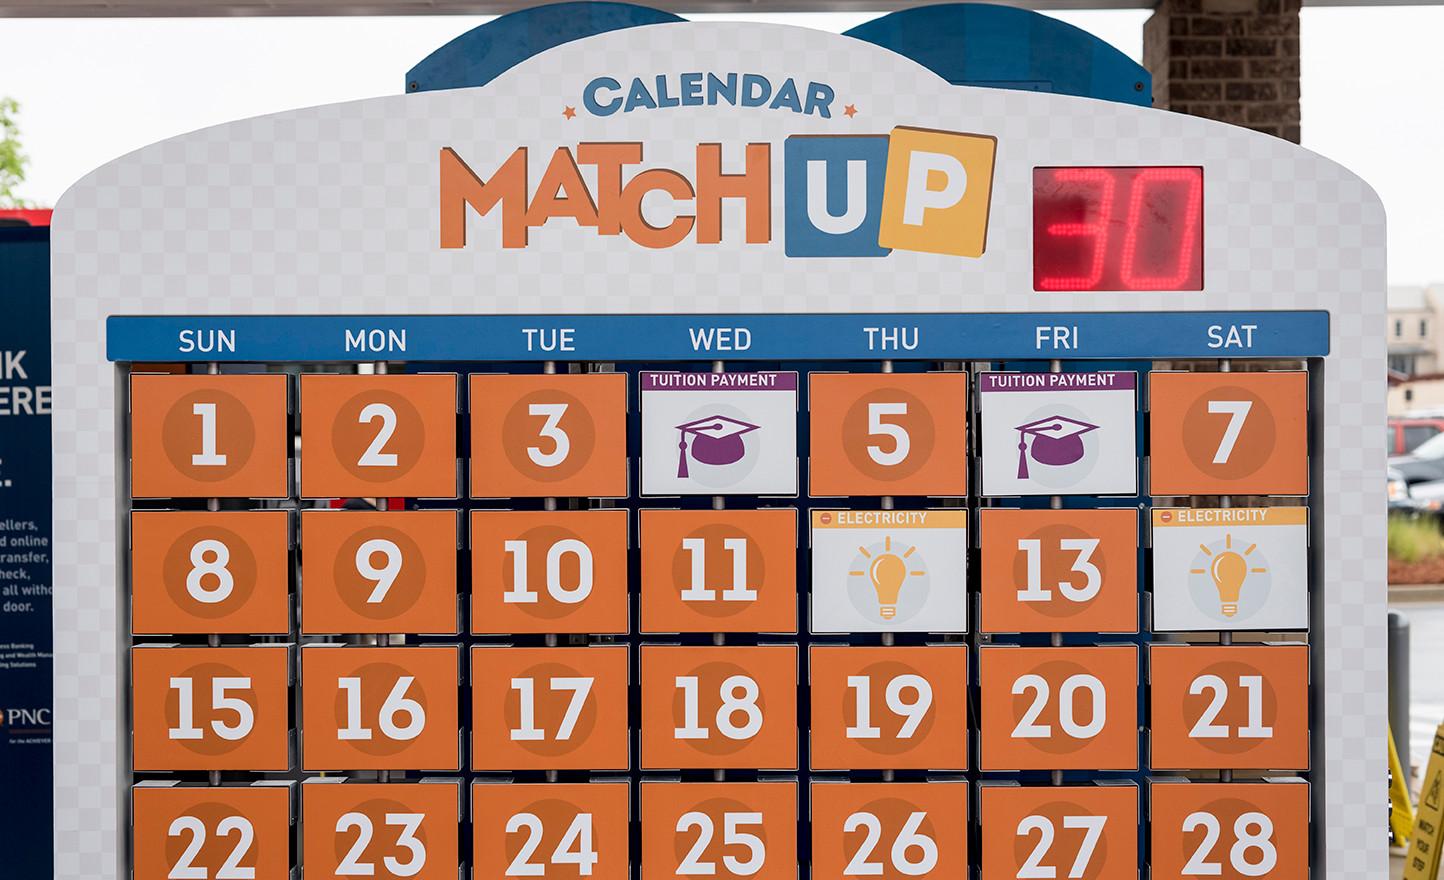 Calendar Matchup